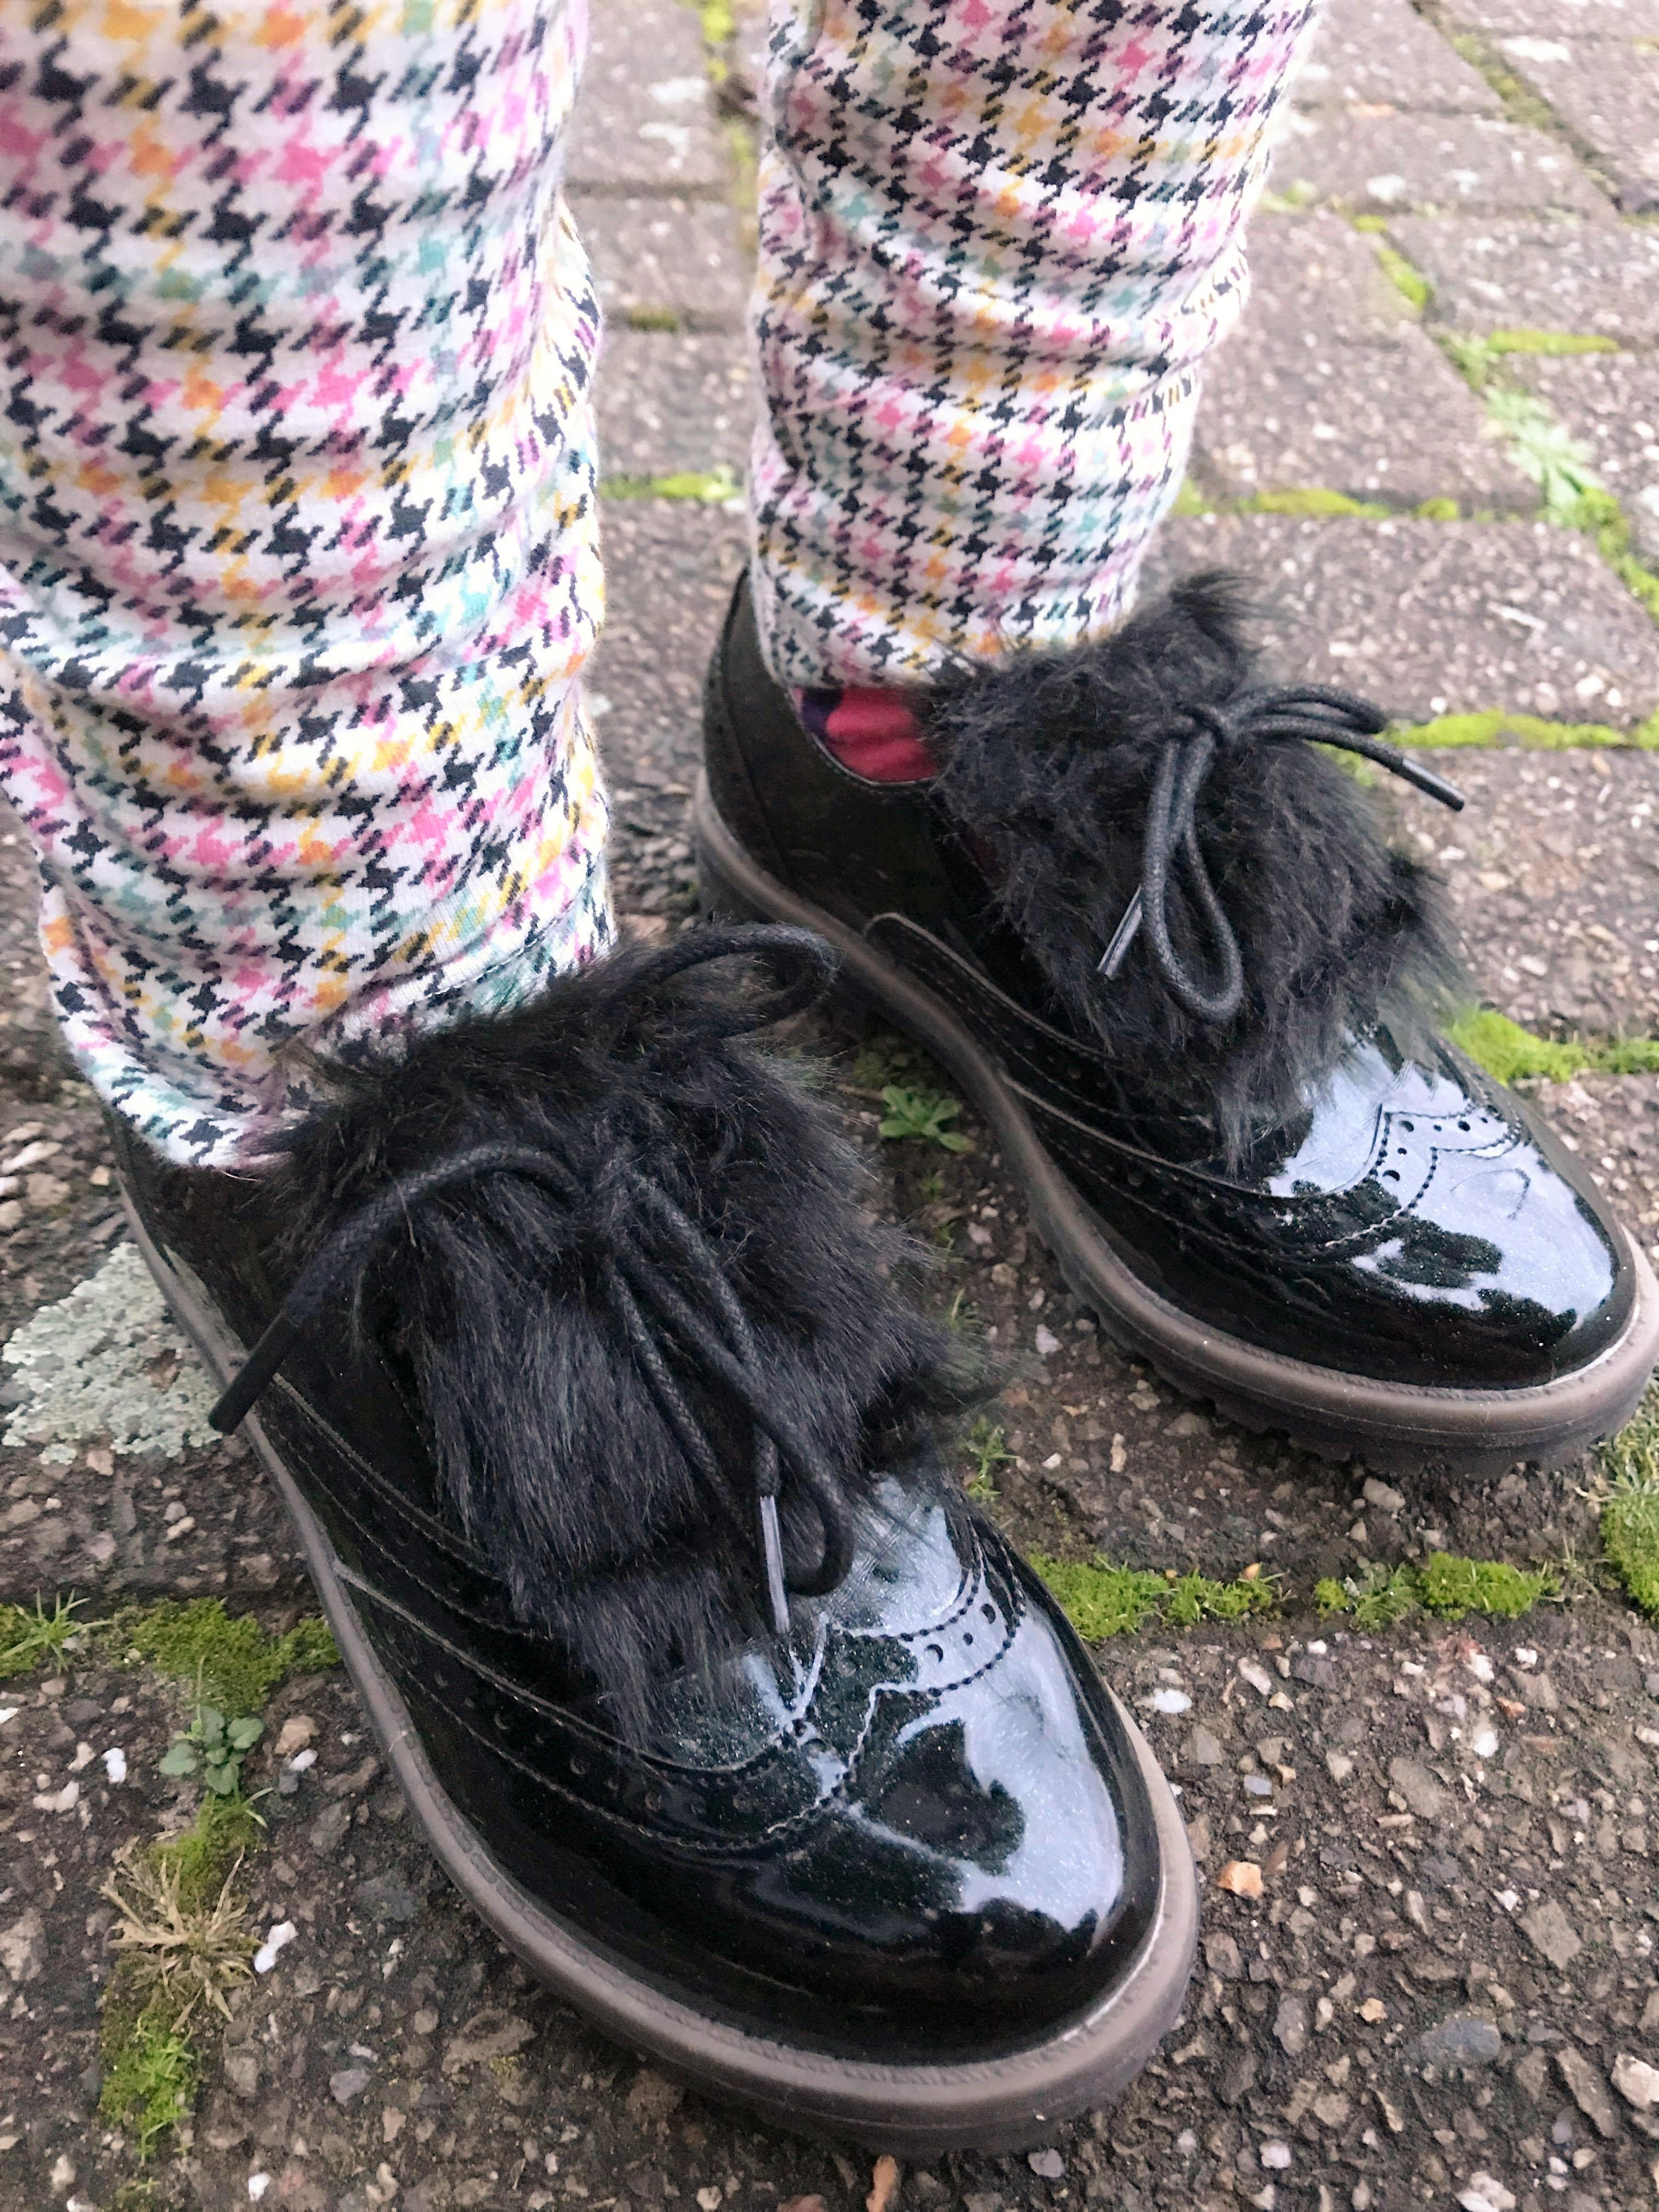 Budgettip schoenen: Sprox biedt betaalbare kwaliteit!